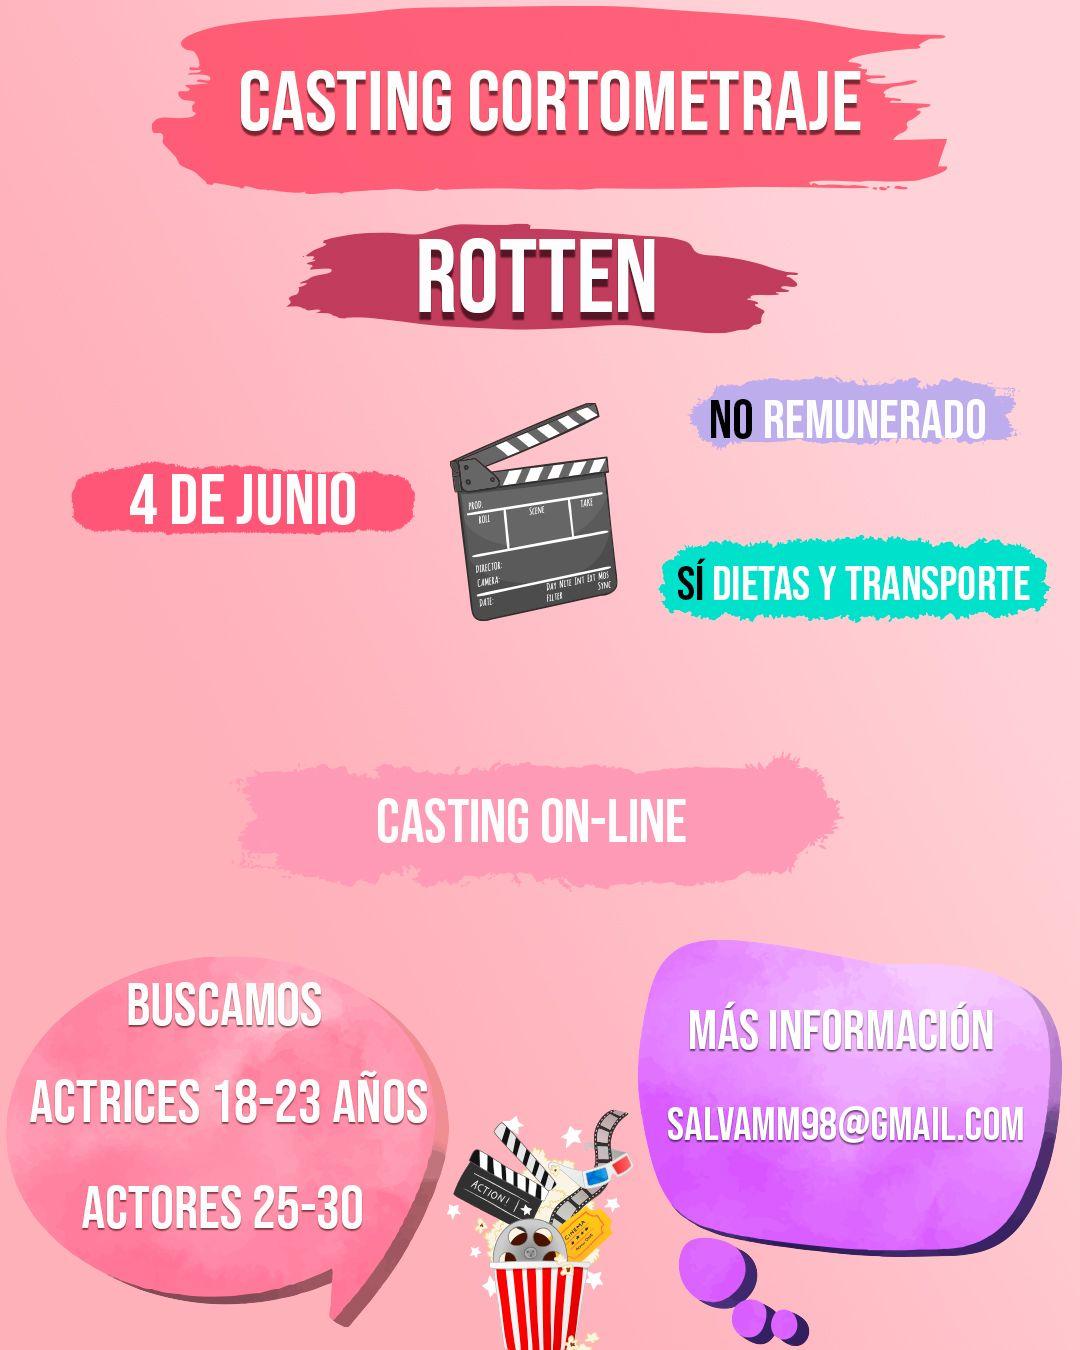 Actrices de 18 a 23 años y actores de 25 a 30 años para Corto en Valencia